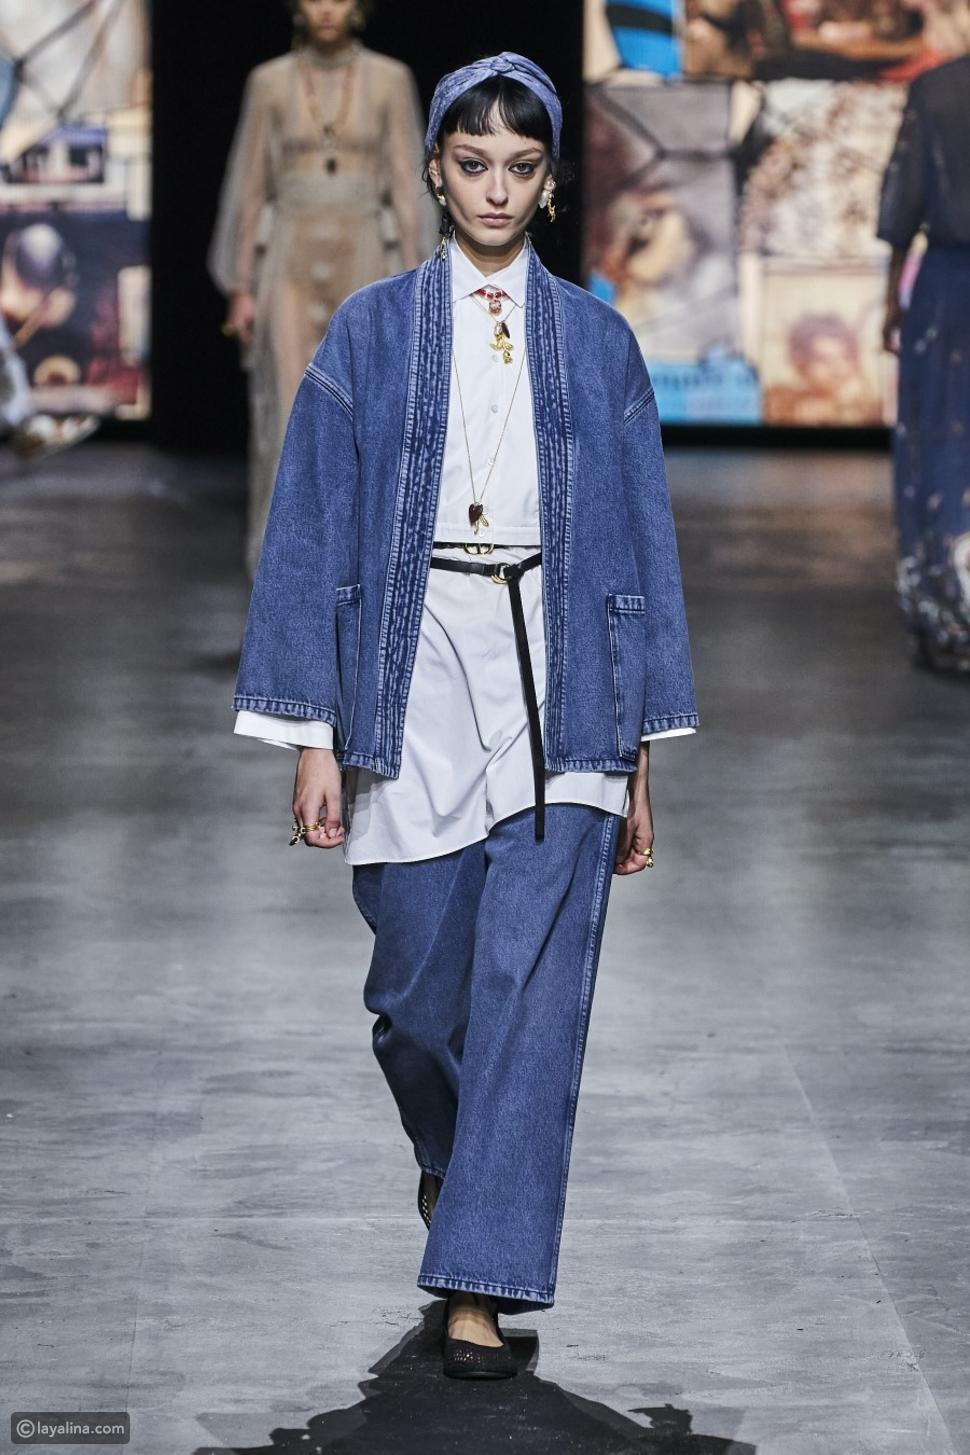 بنطلون جينز مع قمصان كبيرة الحجم